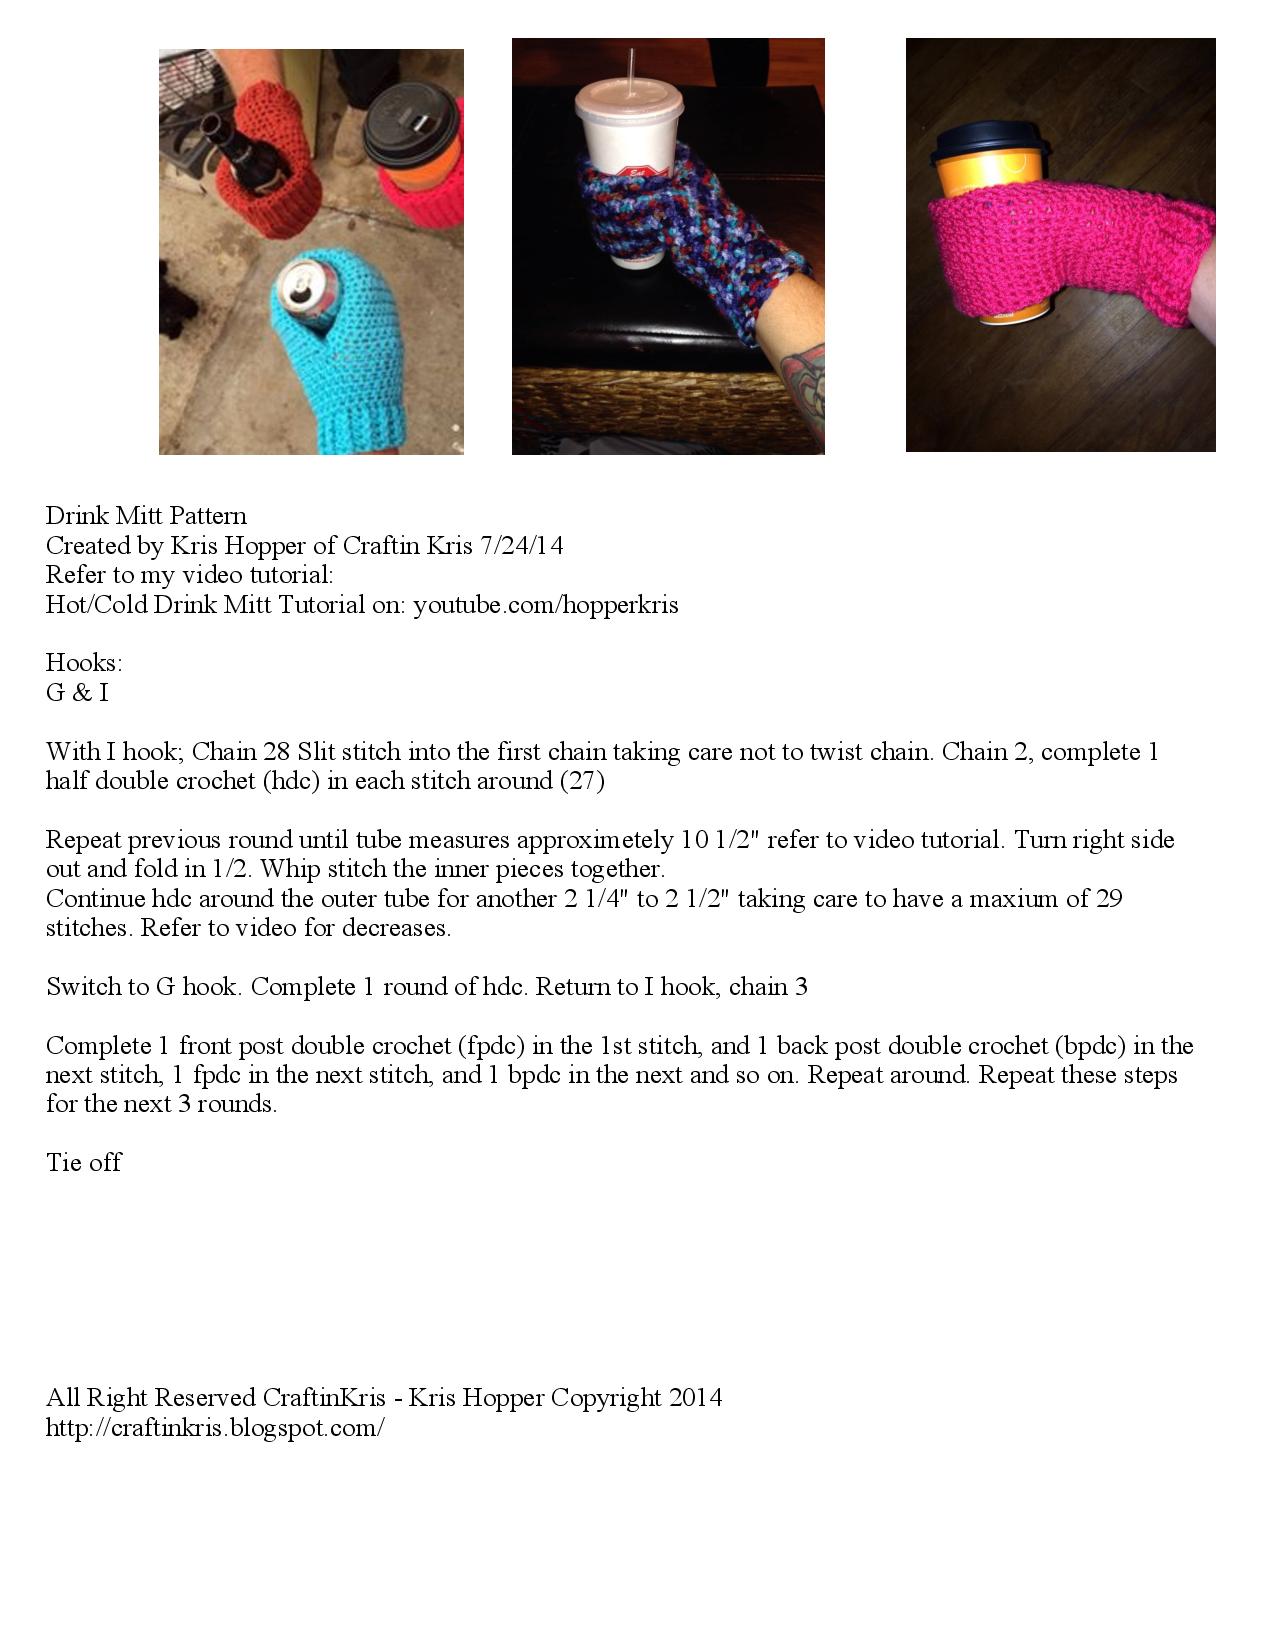 Drink Mitt Written Pattern | crochet | Pinterest